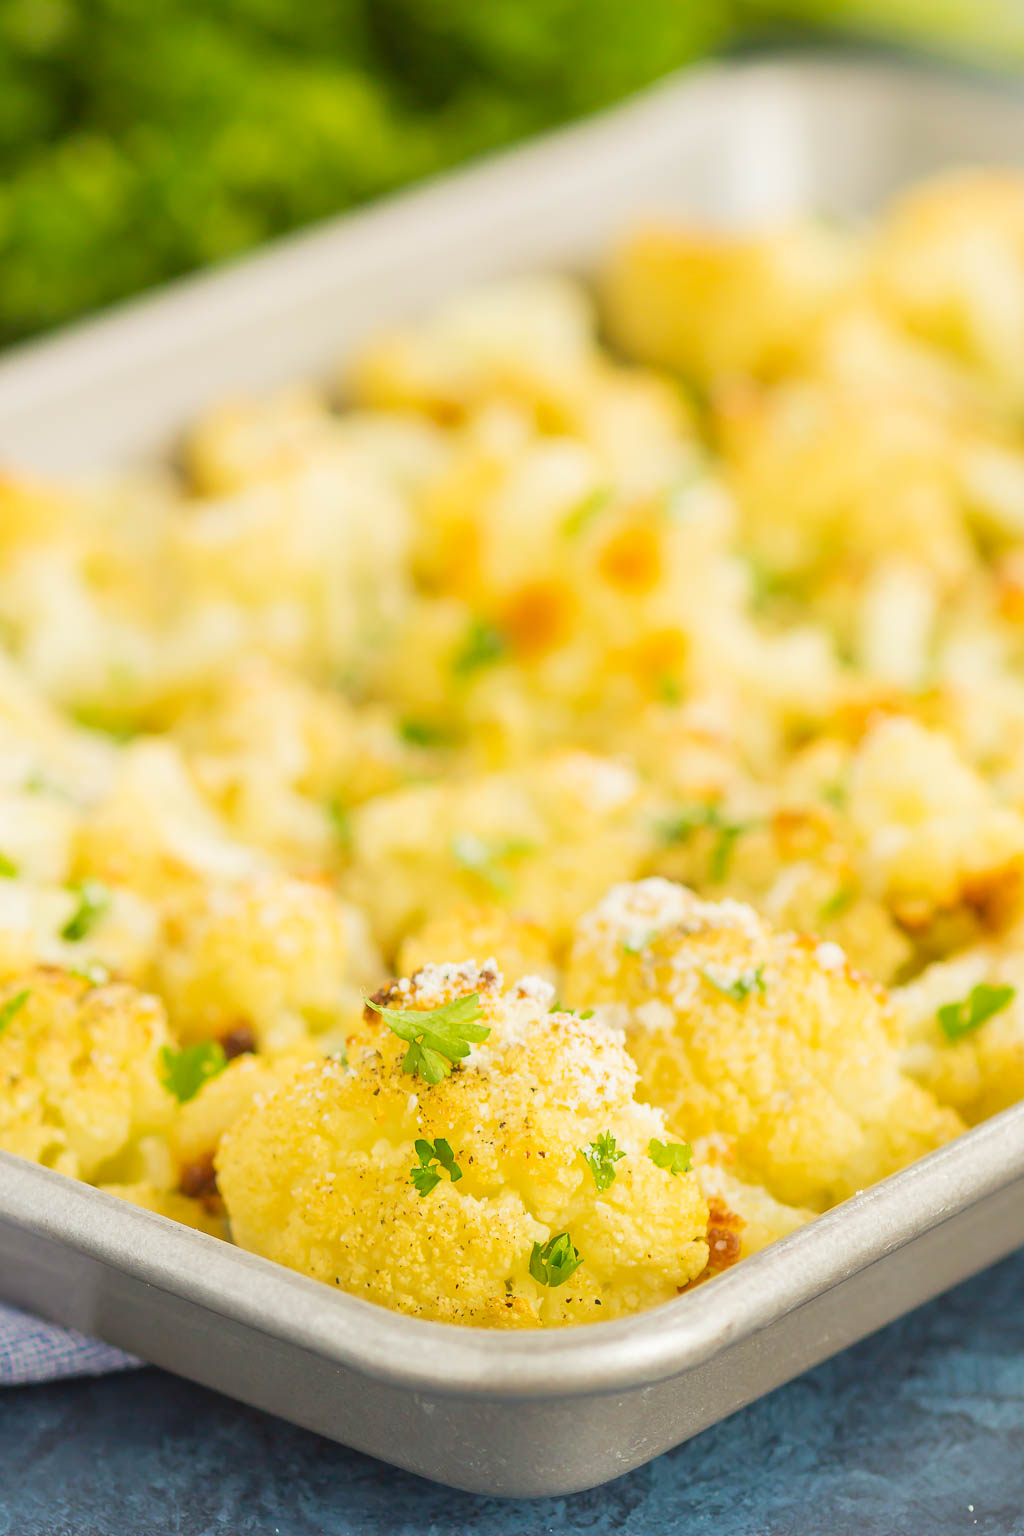 roasted garlic cauliflower on a baking tray